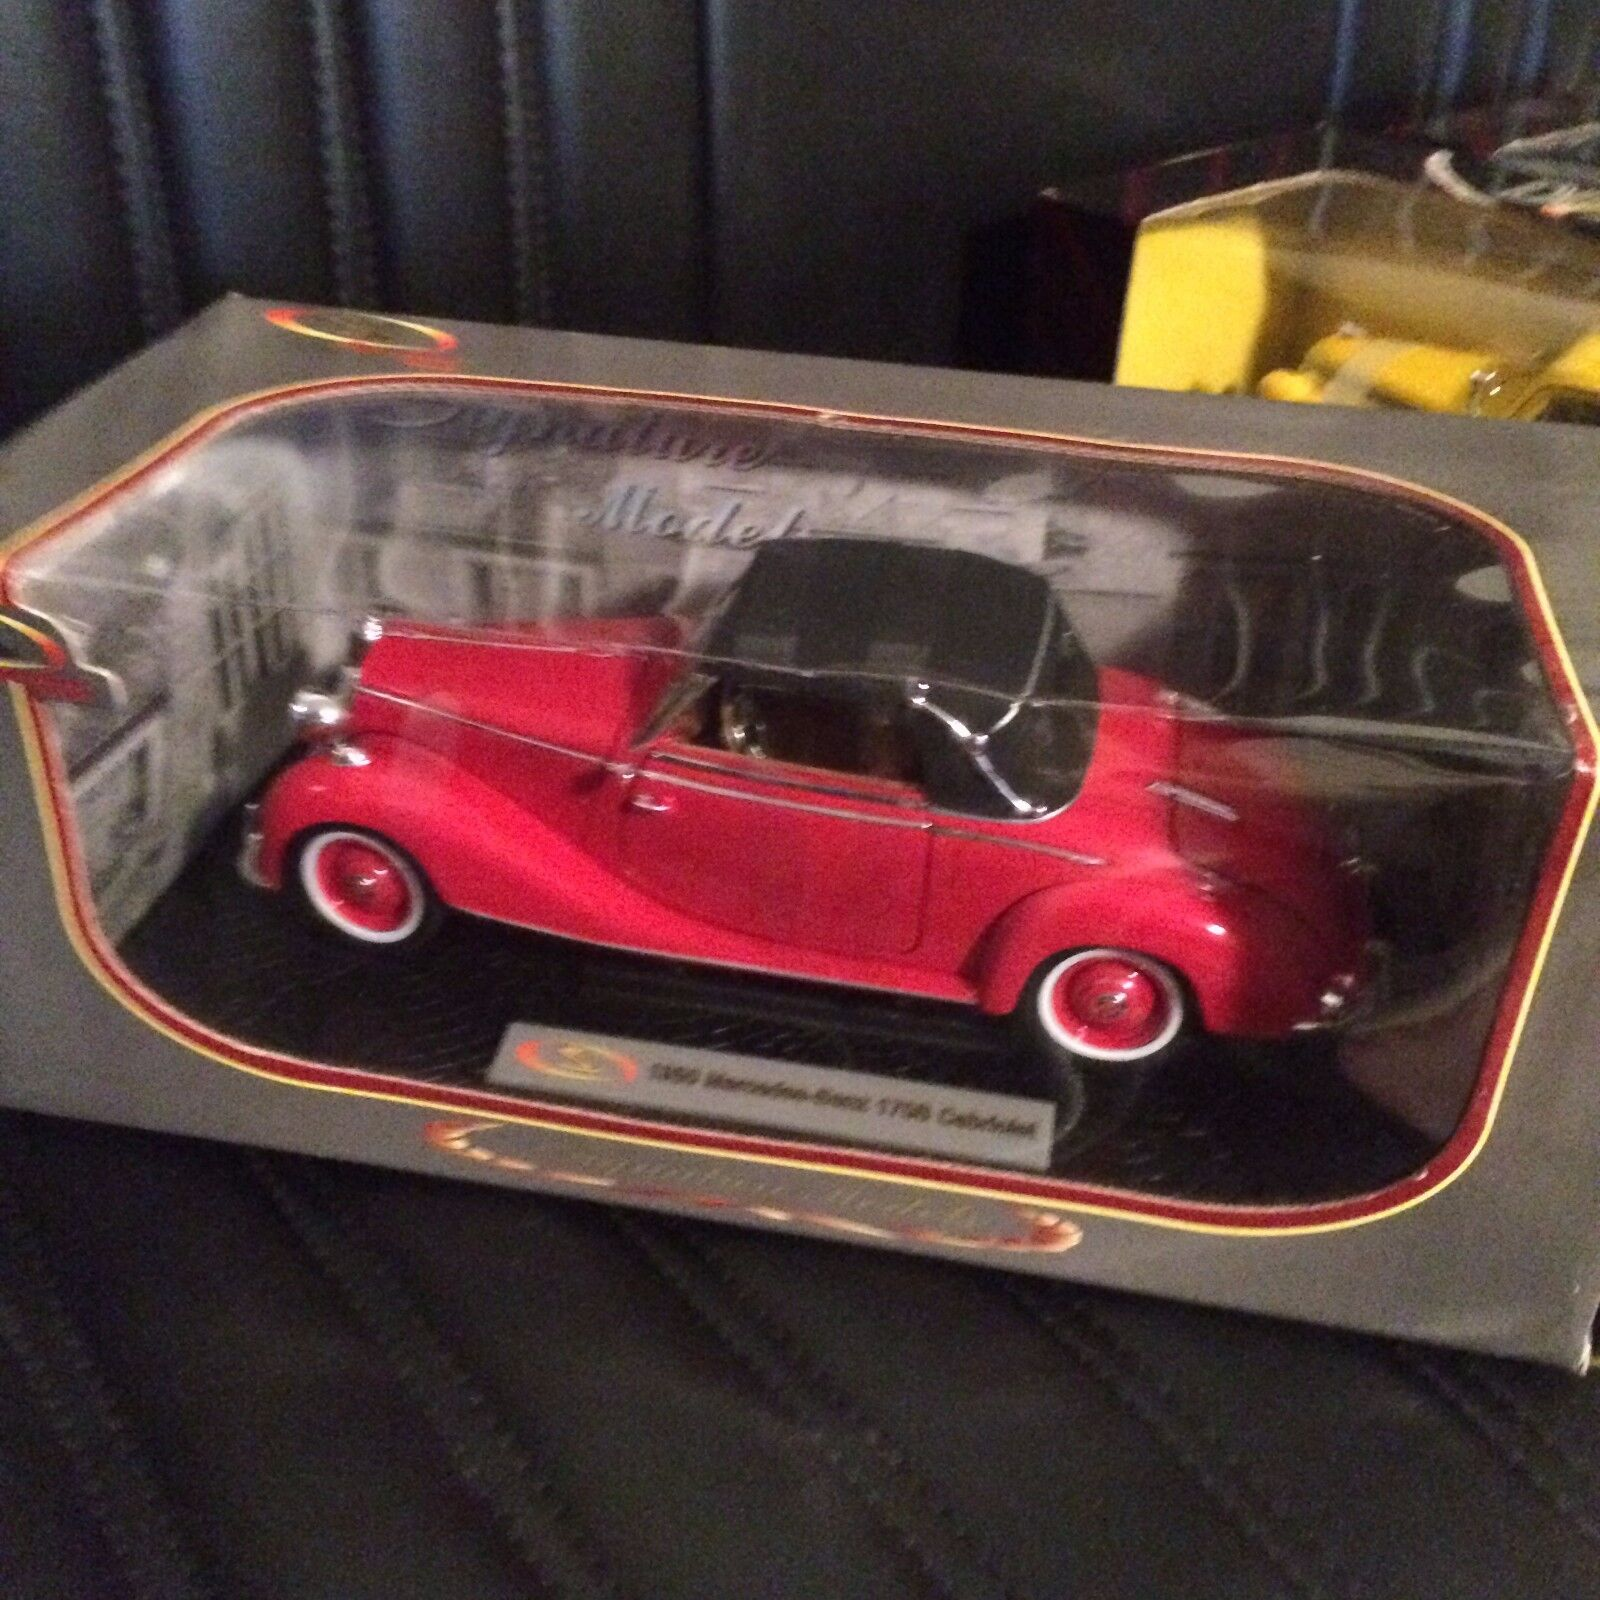 tienda en linea Signature Models Models Models 18123 1950 Mercedes-Benz 170S Cabrio Rojo 1 18 Escala  para barato